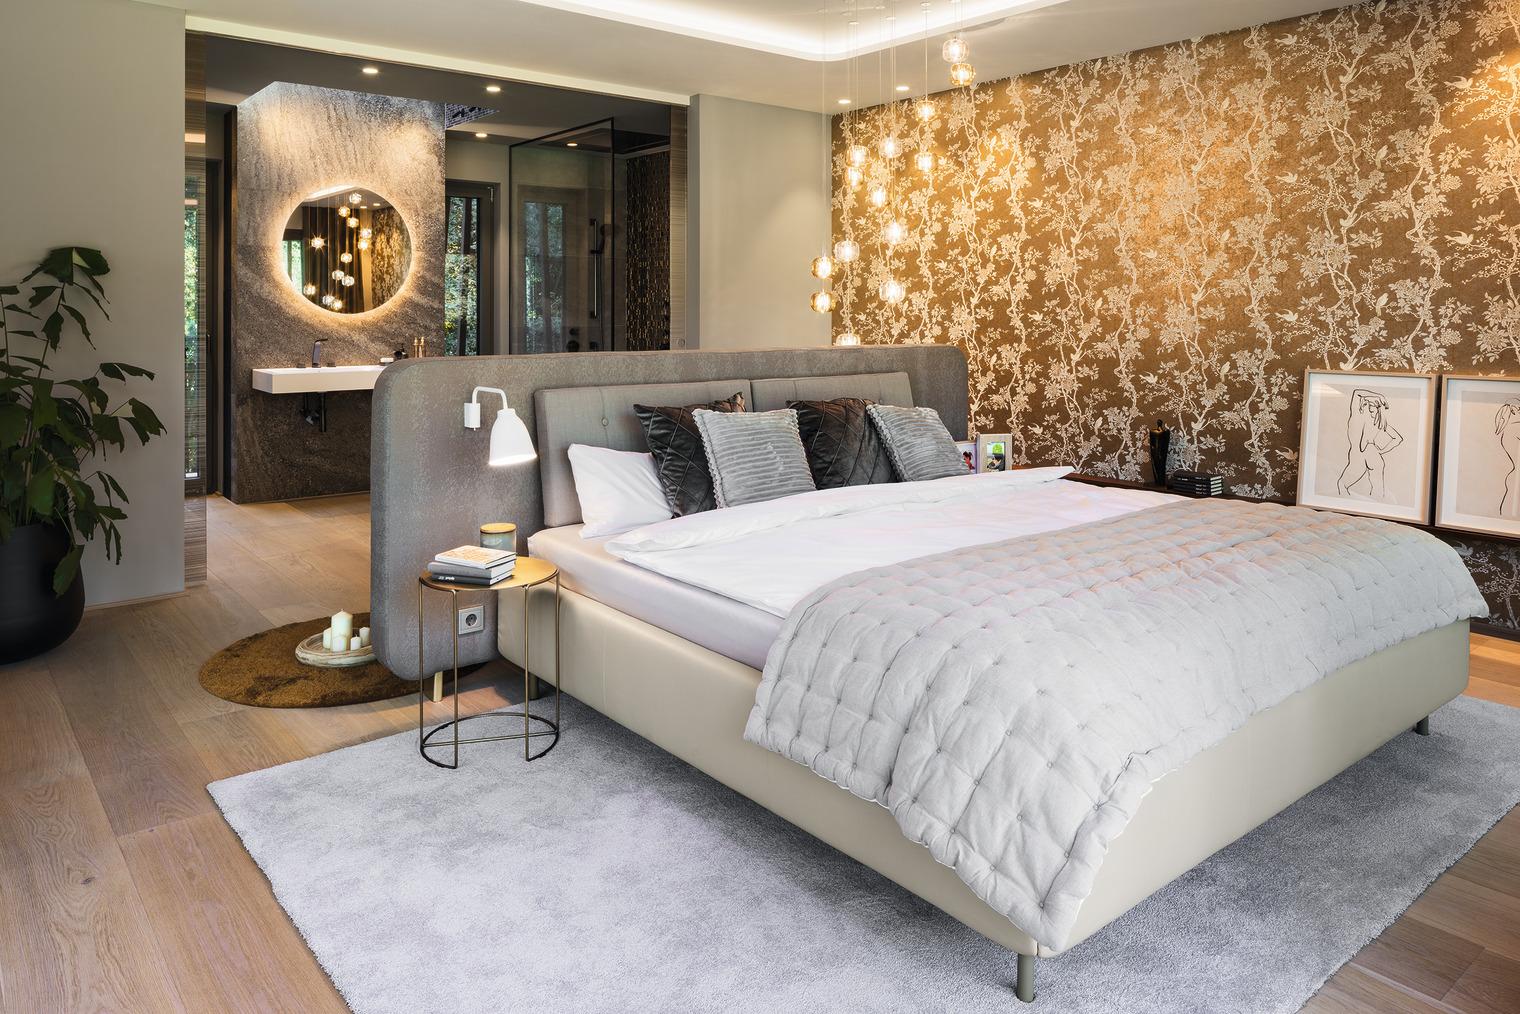 luxuriös ausgestattetes Schlafzimmer